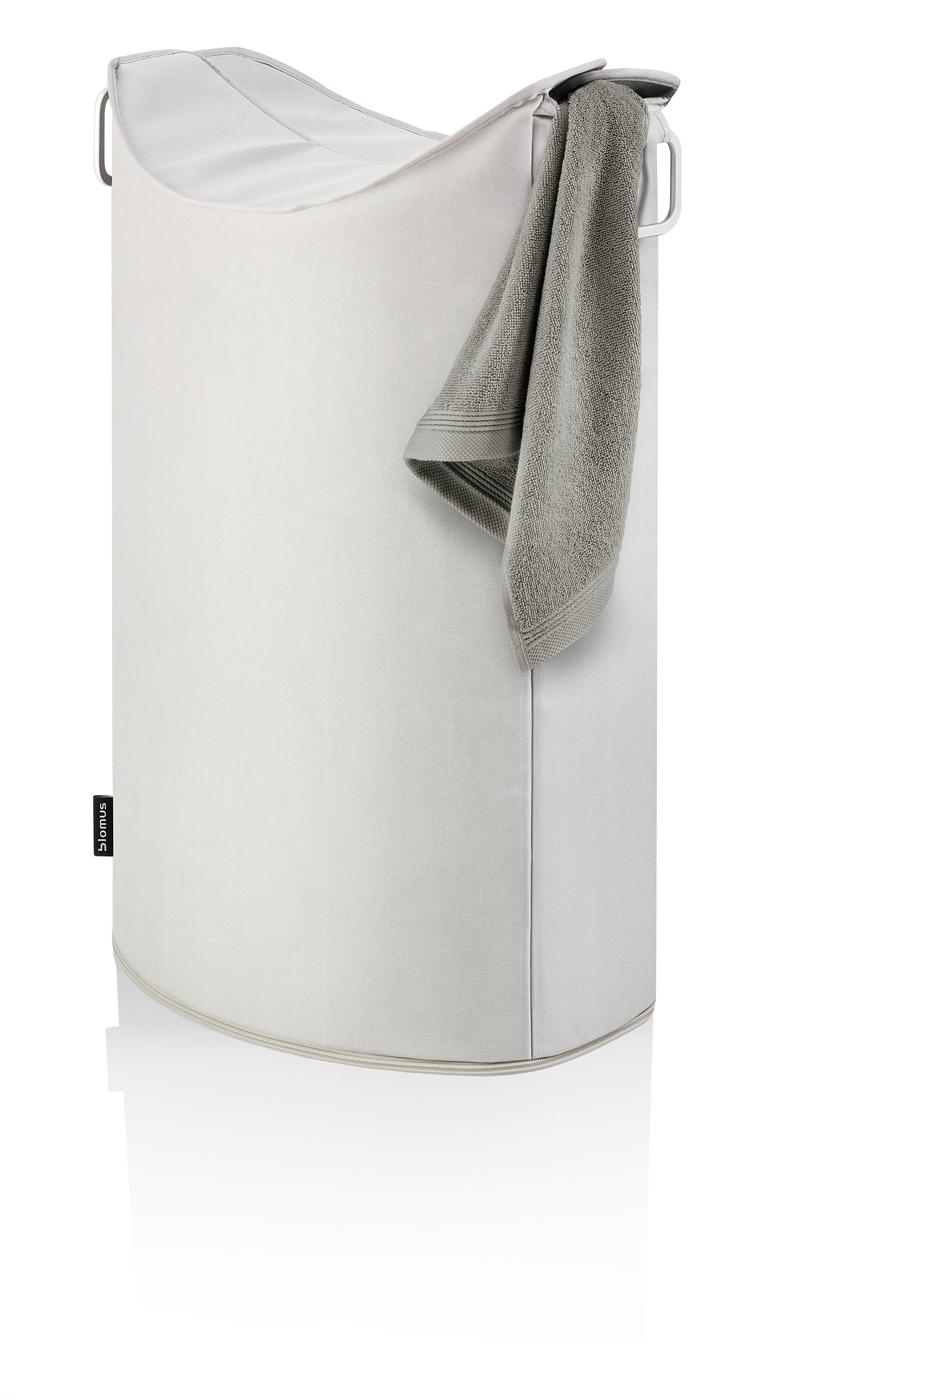 Frisco-tvättkorg-sandfärgad2-brunnsboden-65382